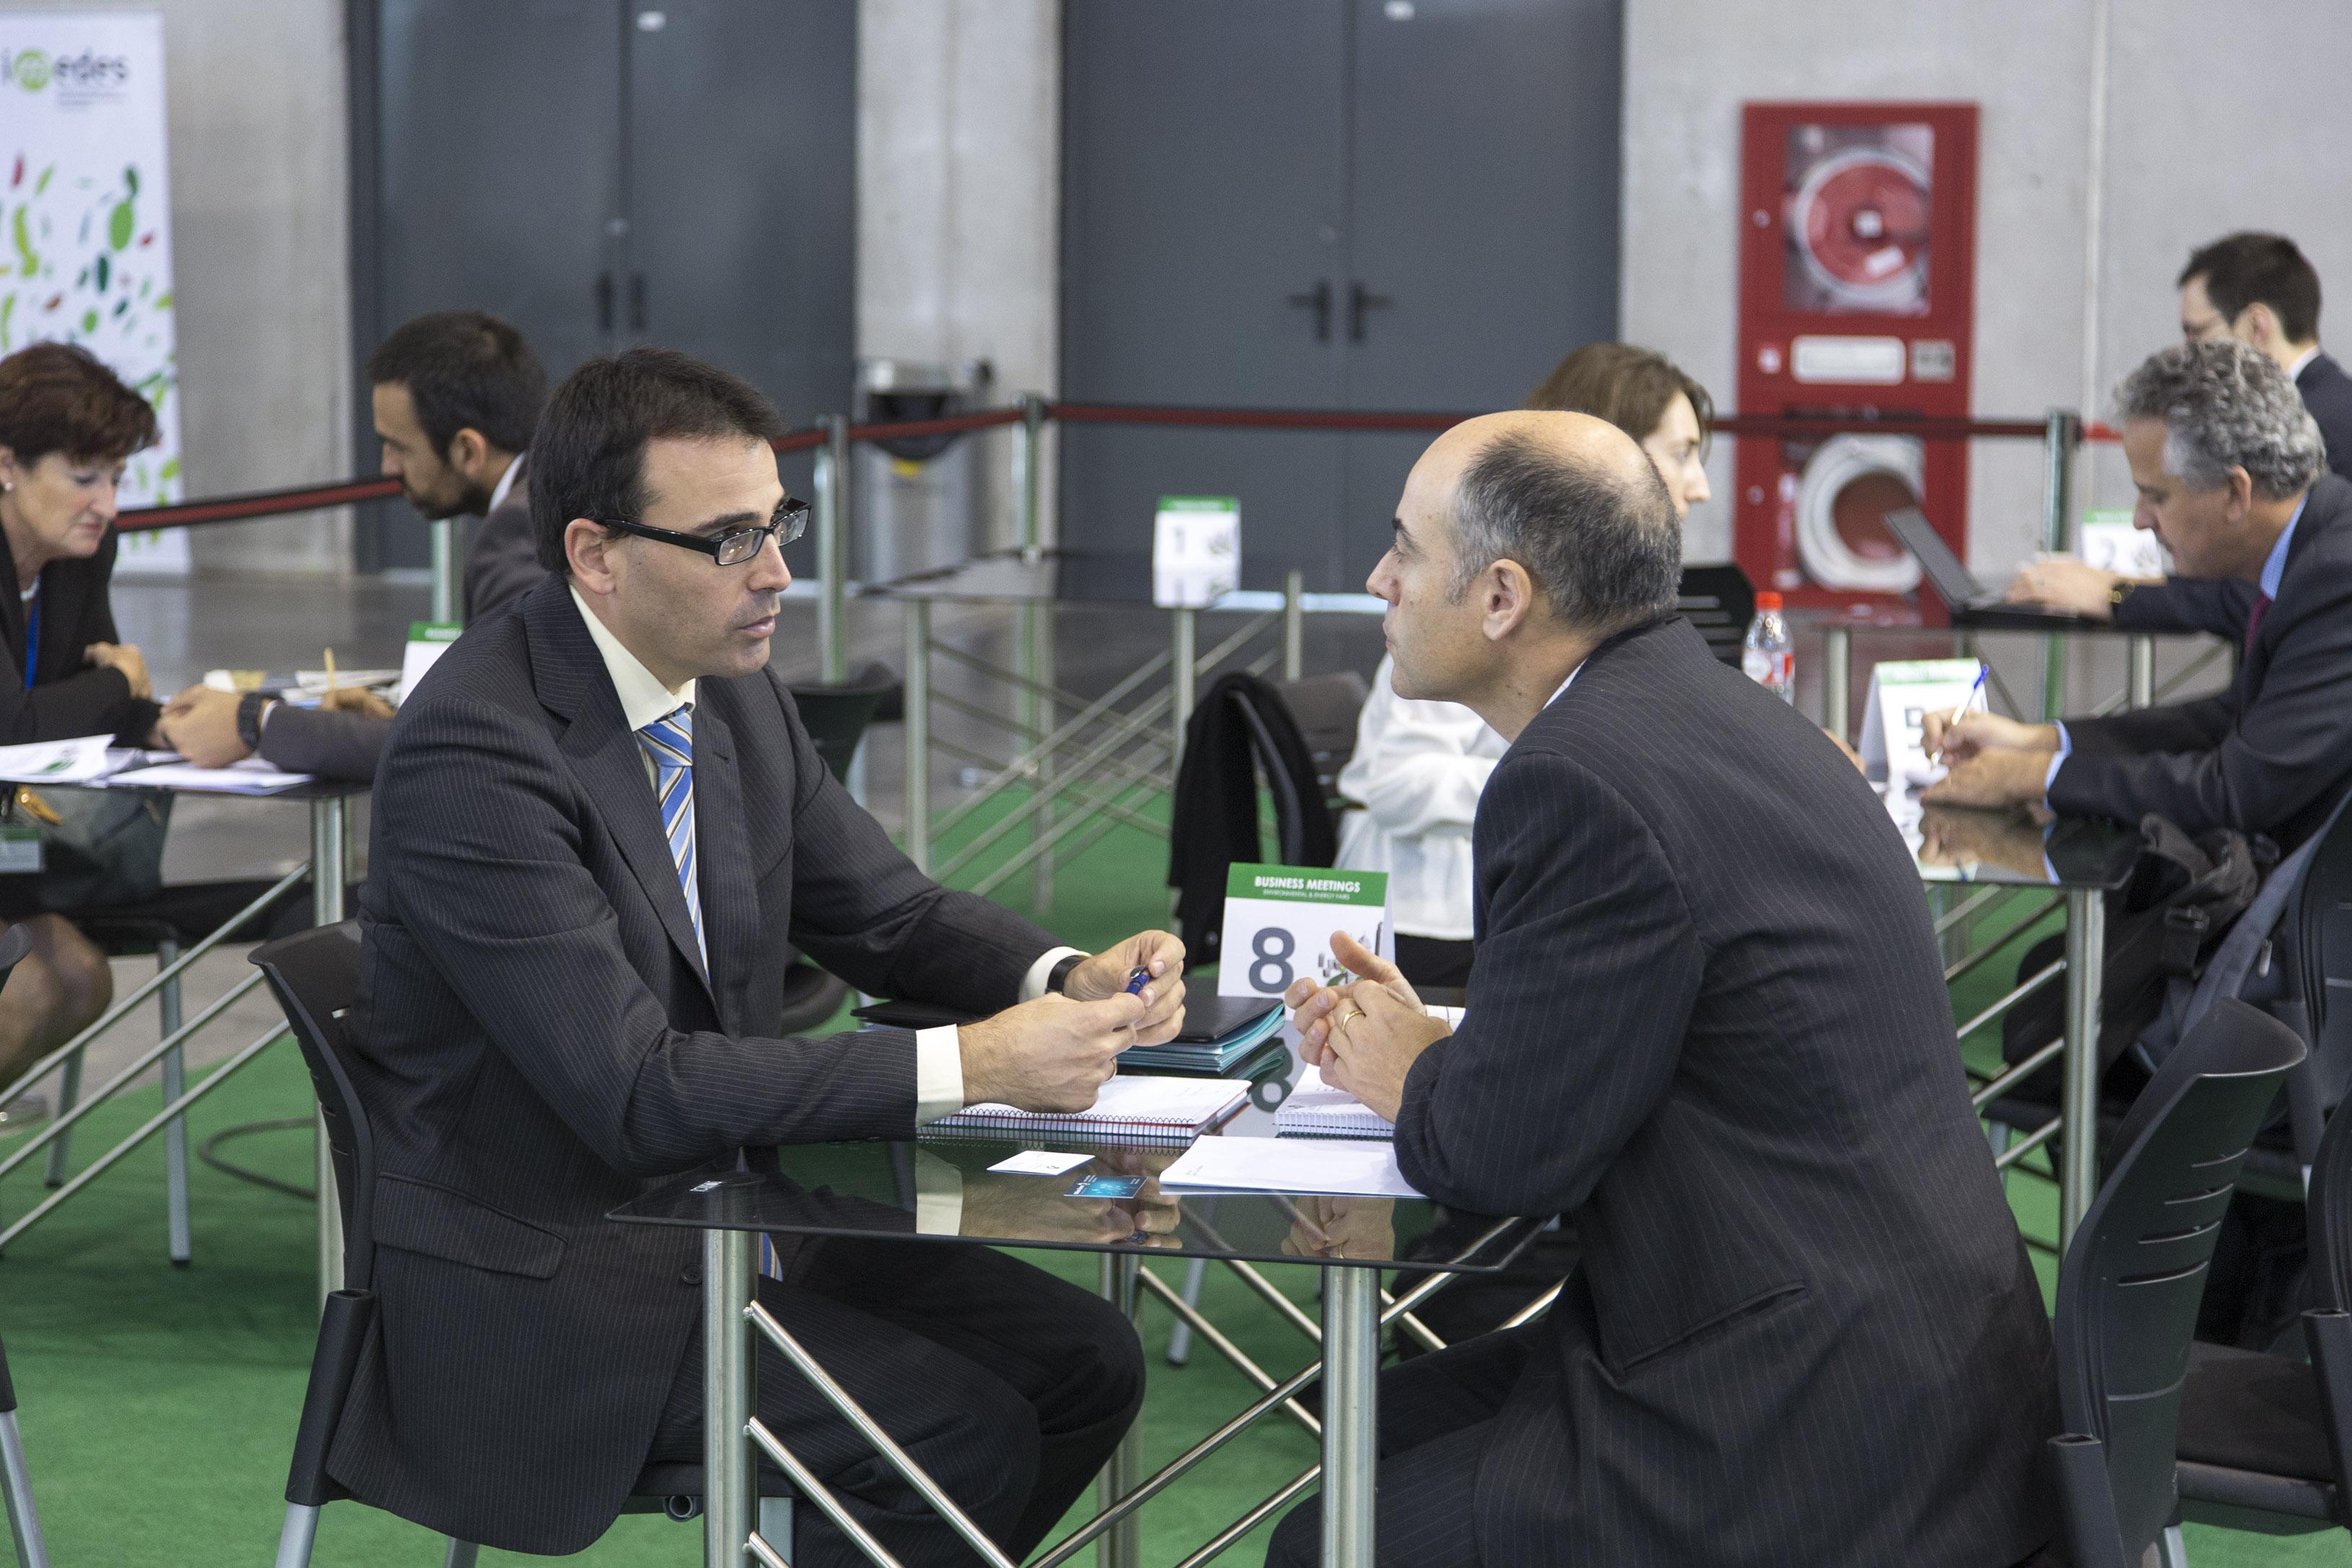 FIMMA-MADERALIA, CEVISAMA Y HÁBITAT ALBERGARÁN ENCUENTROS EMPRESARIALES INTERNACIONALES